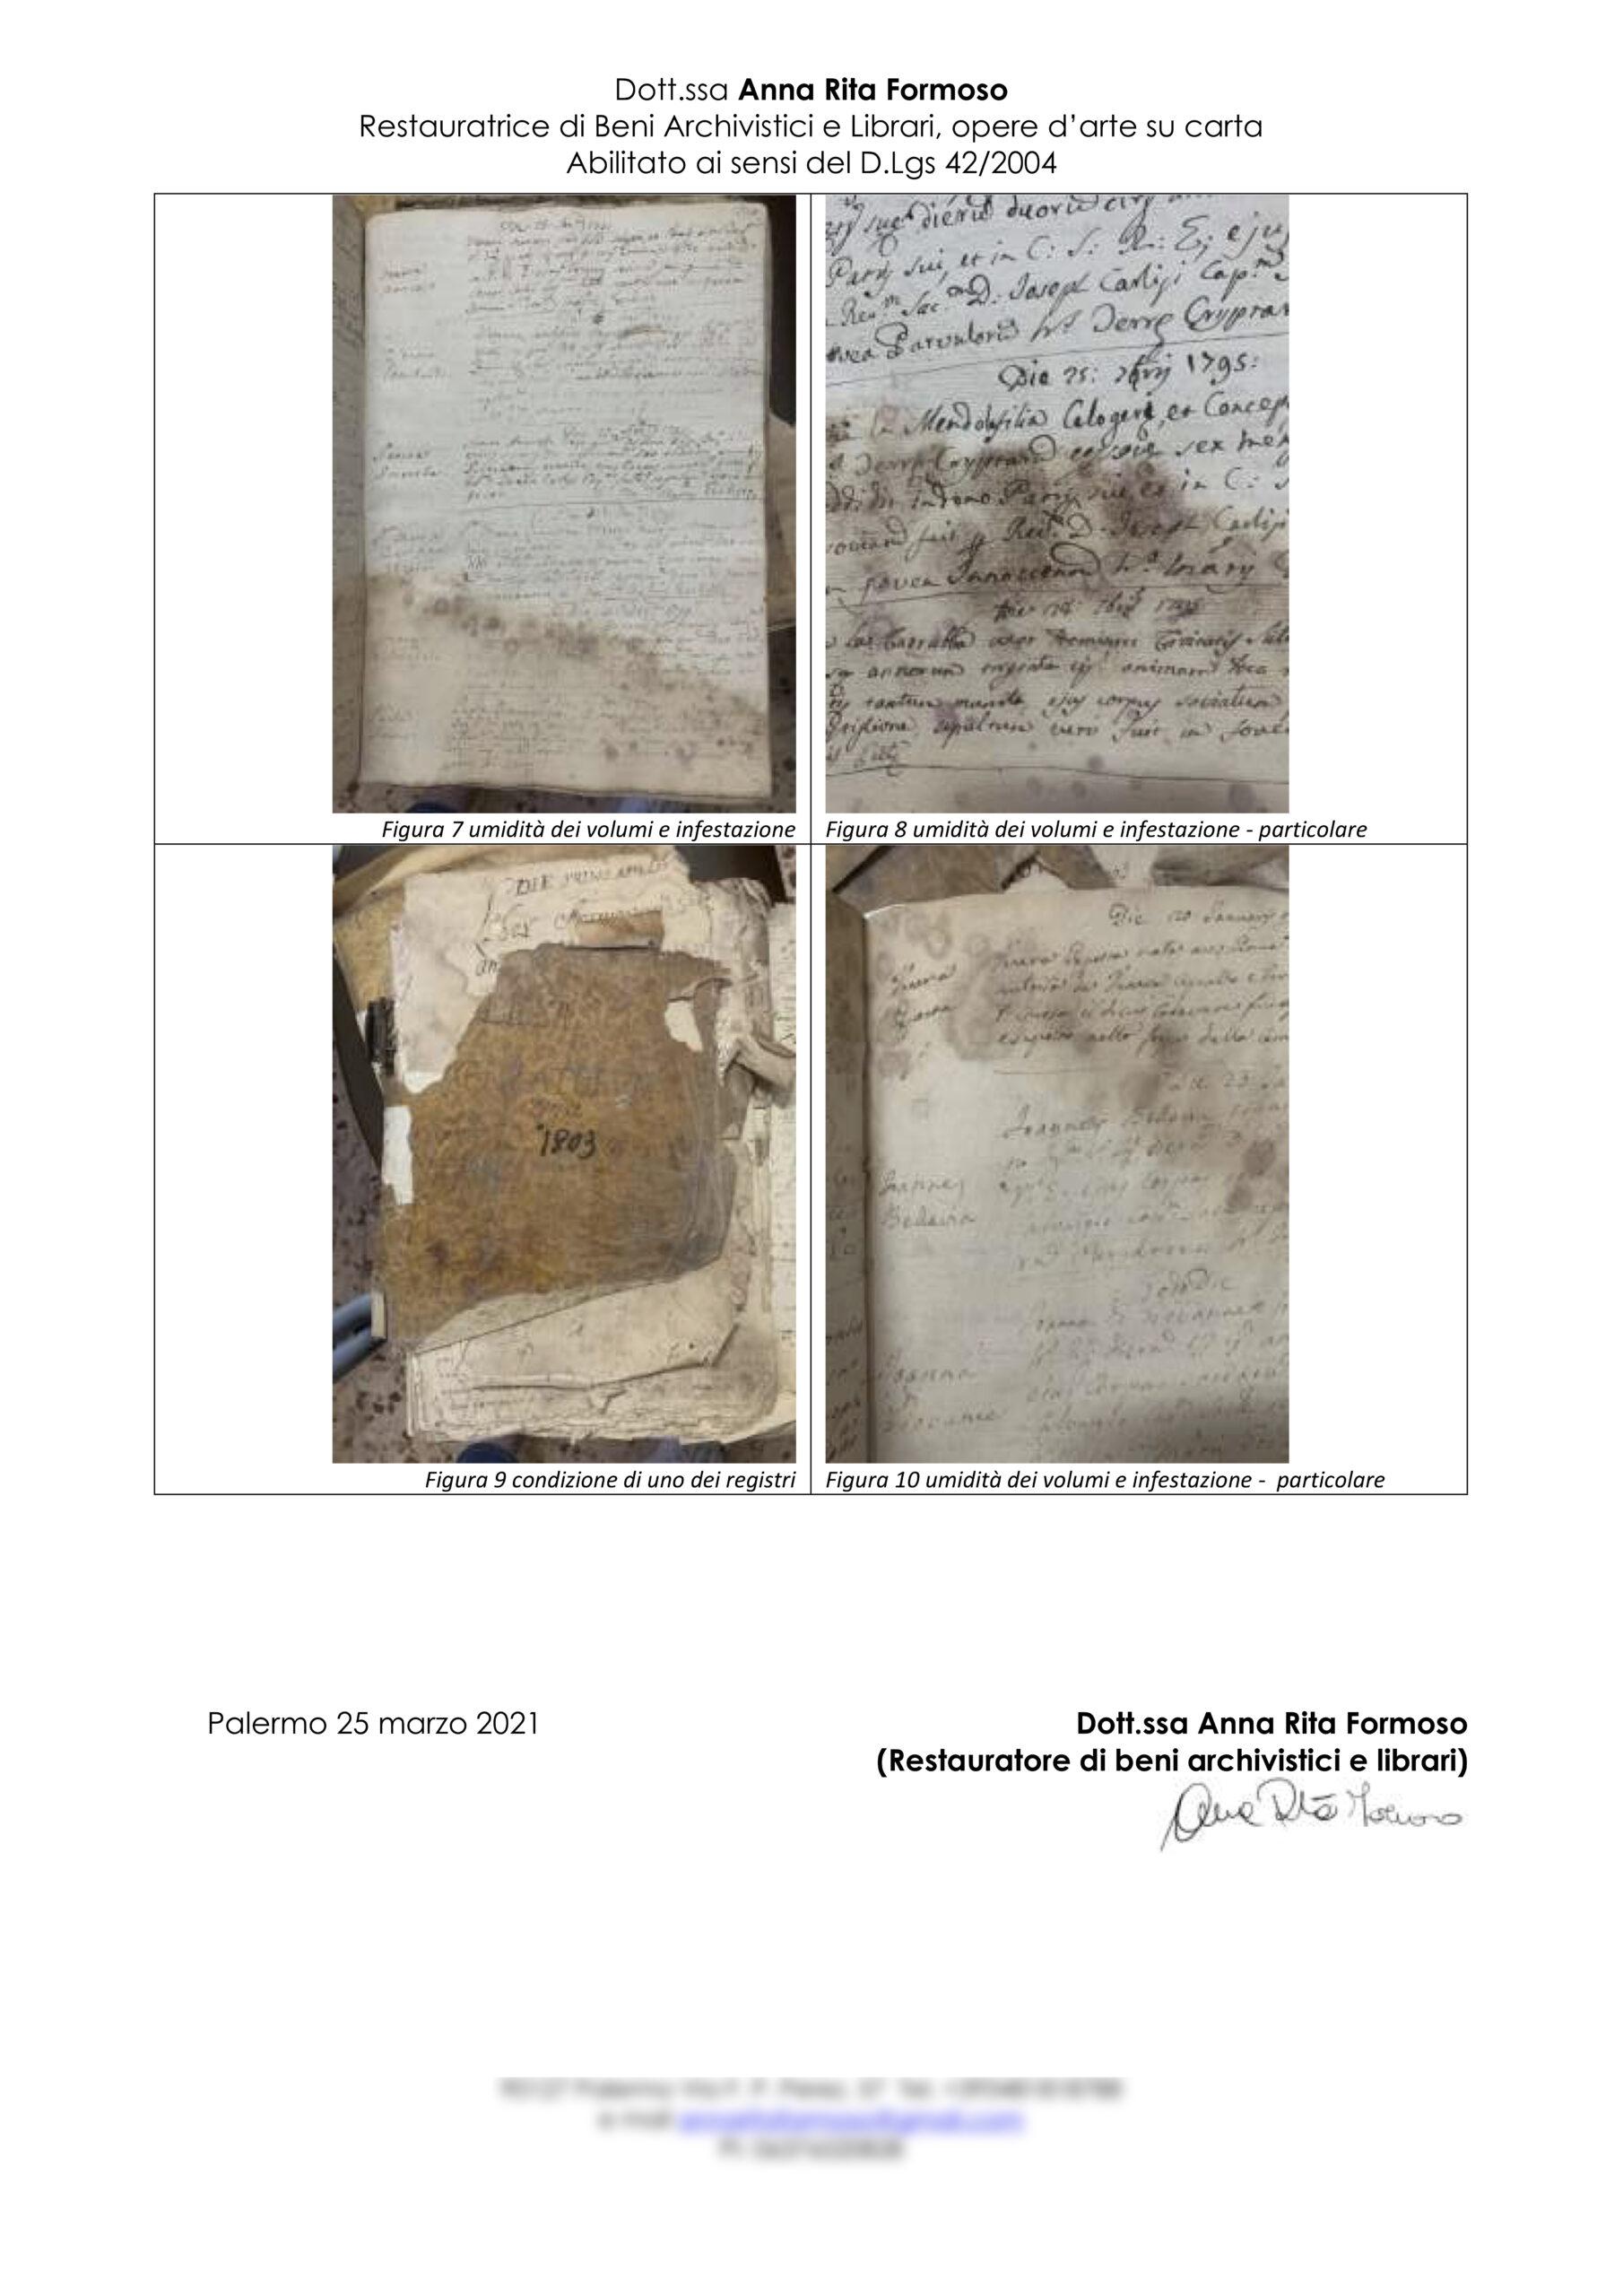 Relazione Archivio chiesa Madonna del Carmelo Grotte2